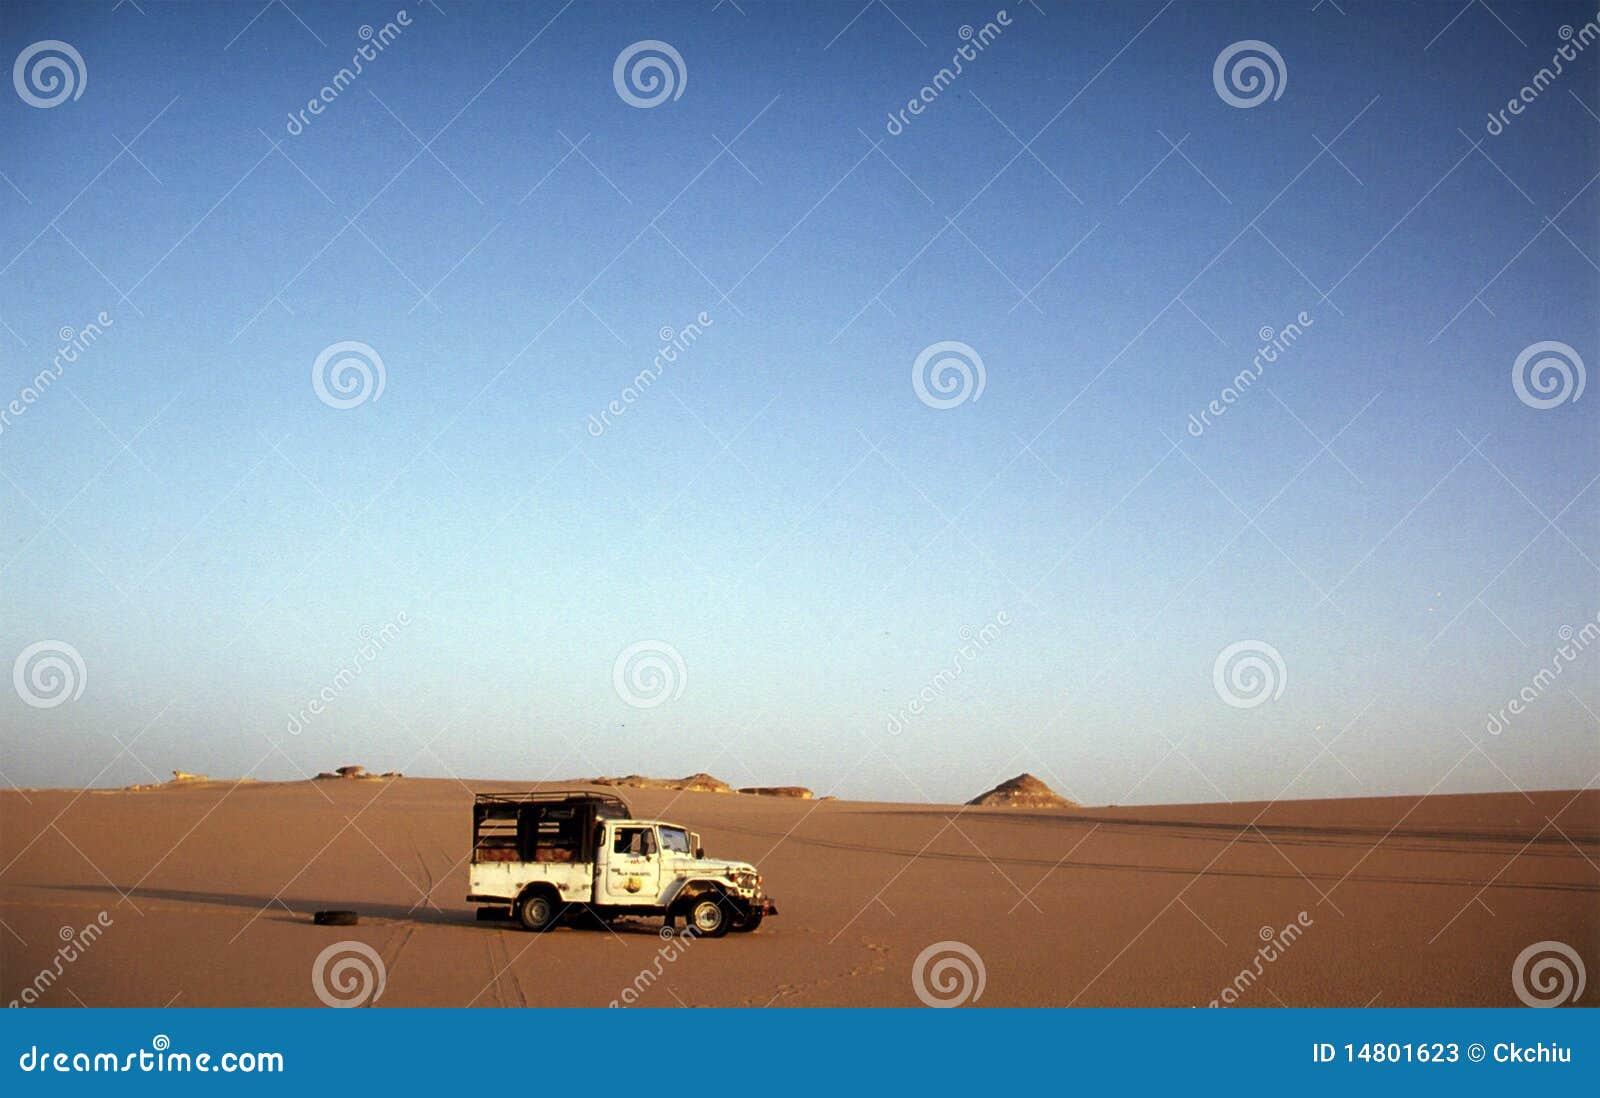 Excursão do deserto de Wester de Egipto